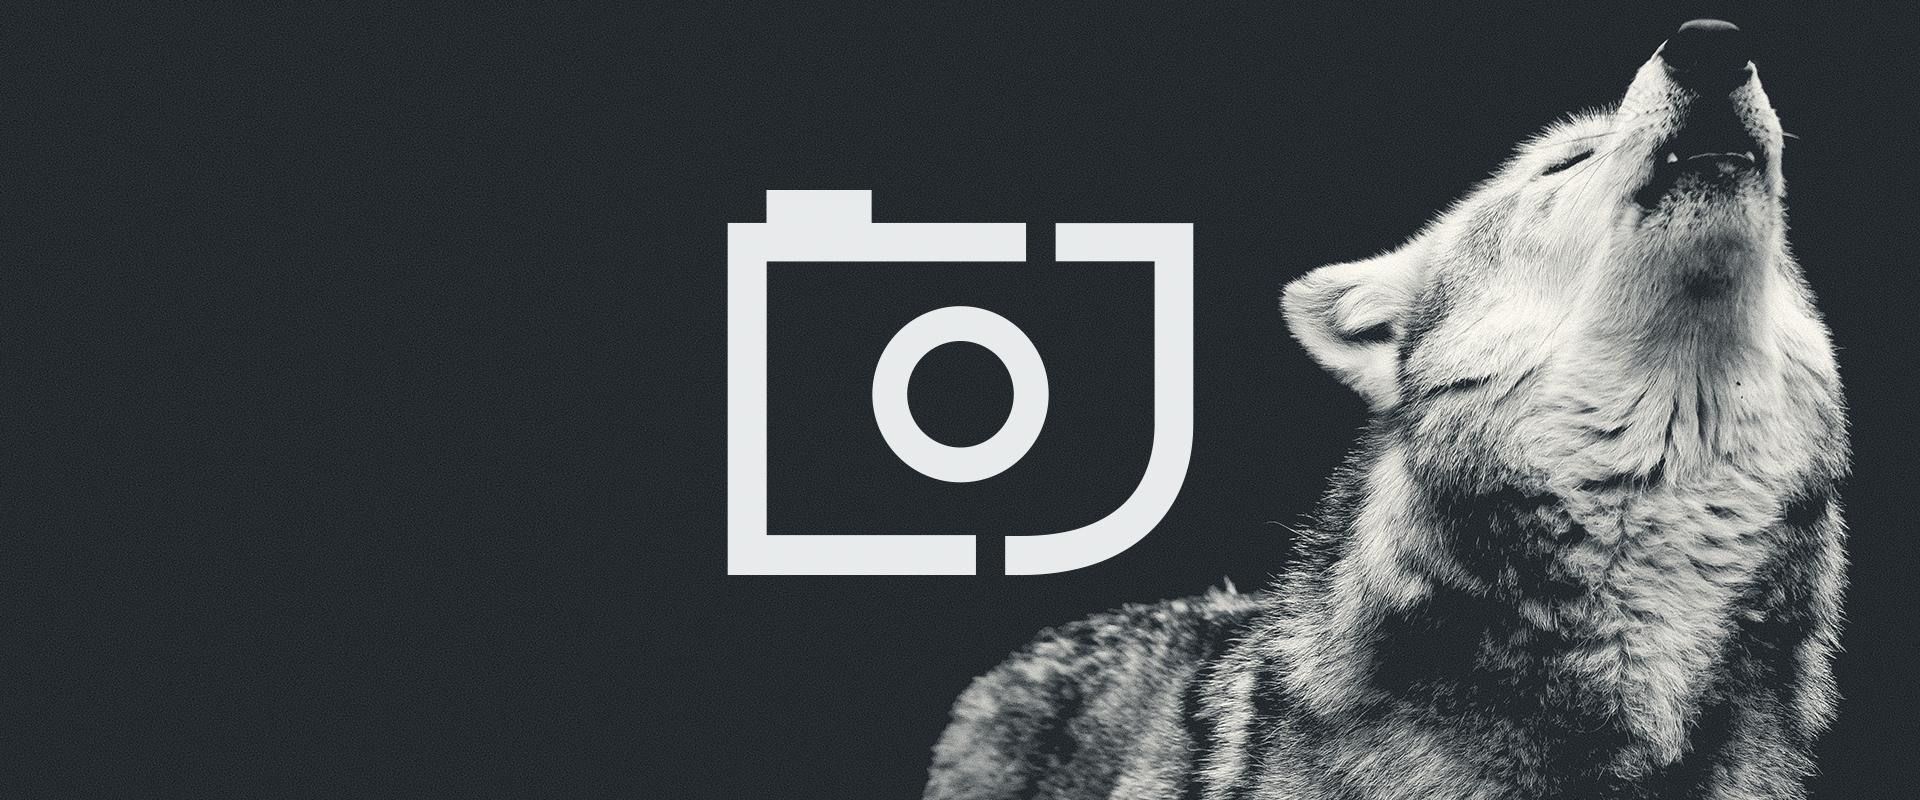 jackal2.jpg